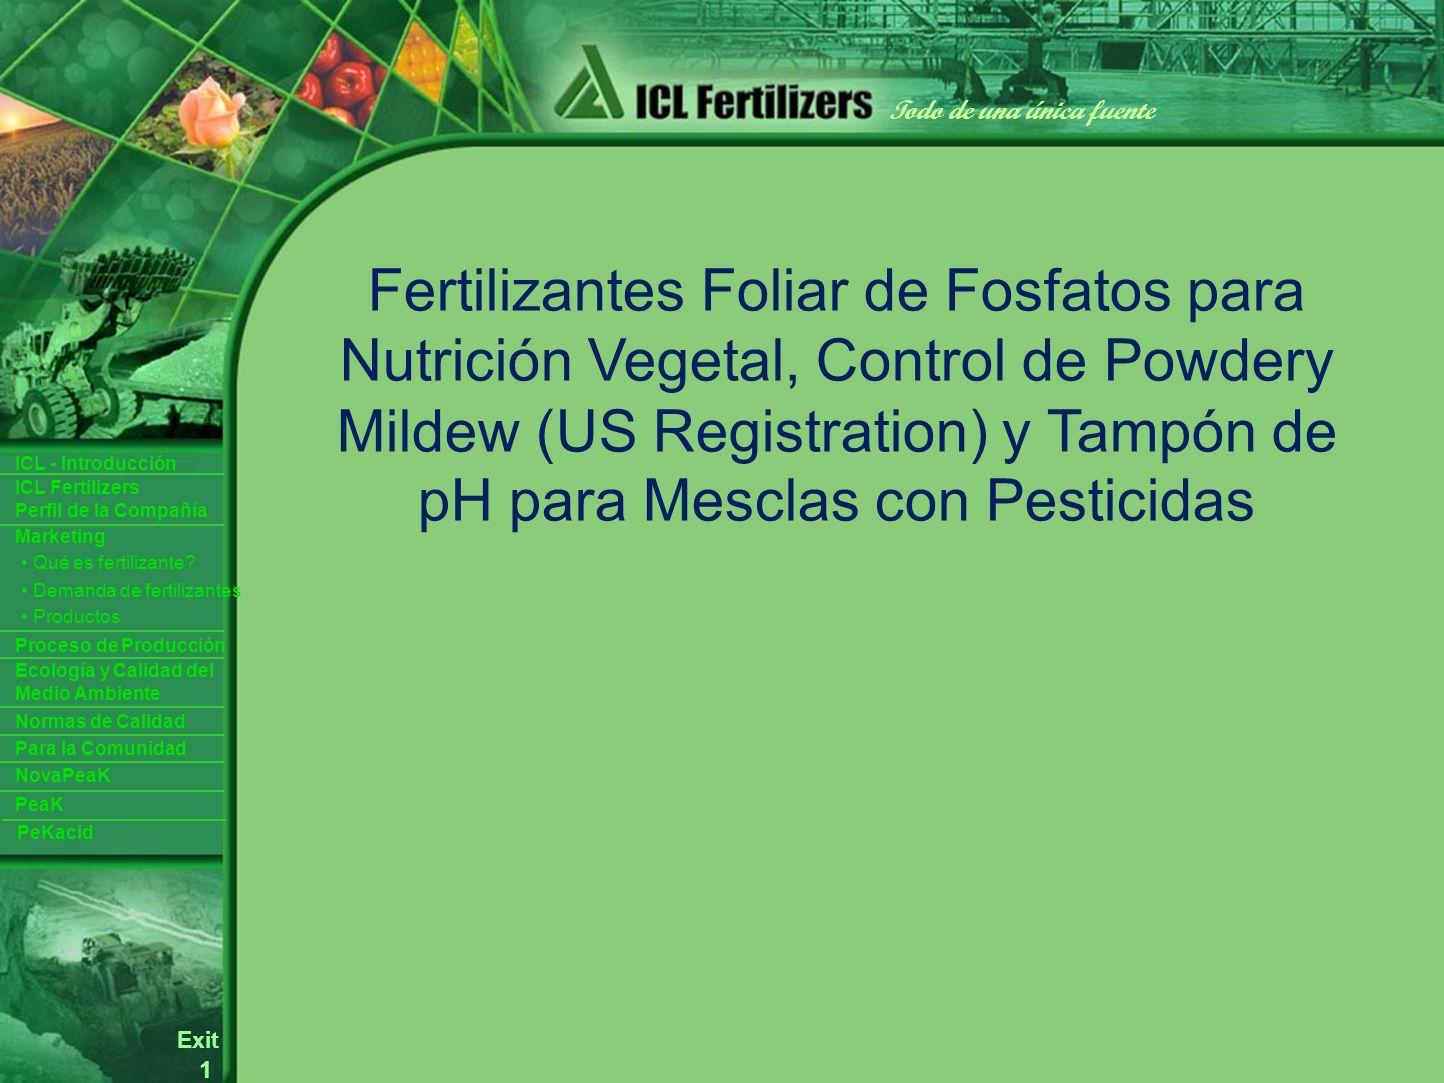 2 Exit Todo de una única fuente ICL Fertilizers Perfil de la Compañía ICL - Introducción Productos Para la Comunidad Ecología y Calidad del Medio Ambiente Normas de Calidad Marketing Proceso de Producción Demanda de fertilizantes Qué es fertilizante.